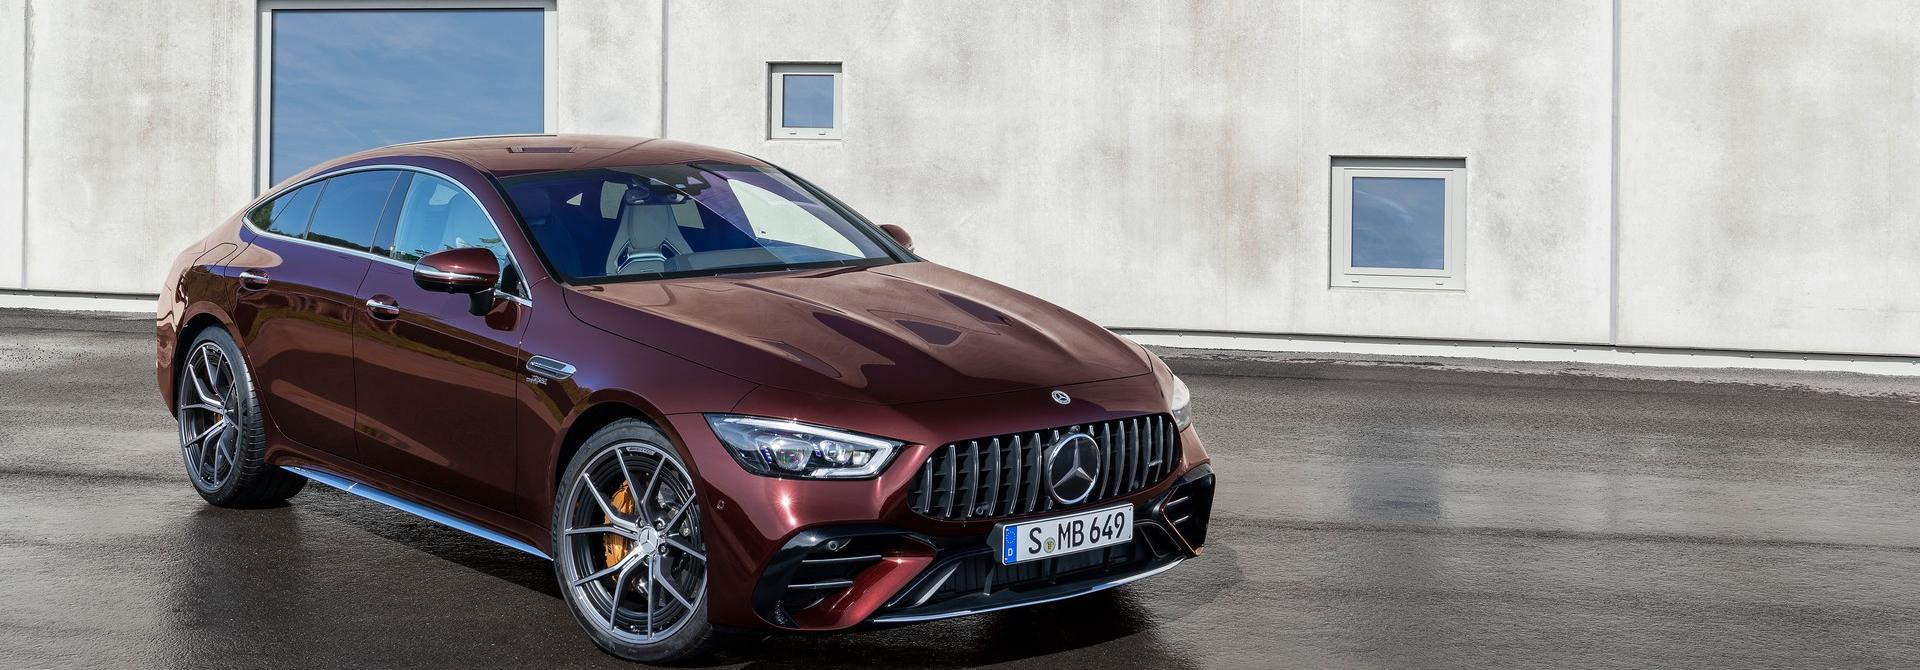 Mercedes-AMG GT 4 cửa Coupe 2022 Facelift: Nâng cấp tinh tế, tăng tính thực dụng